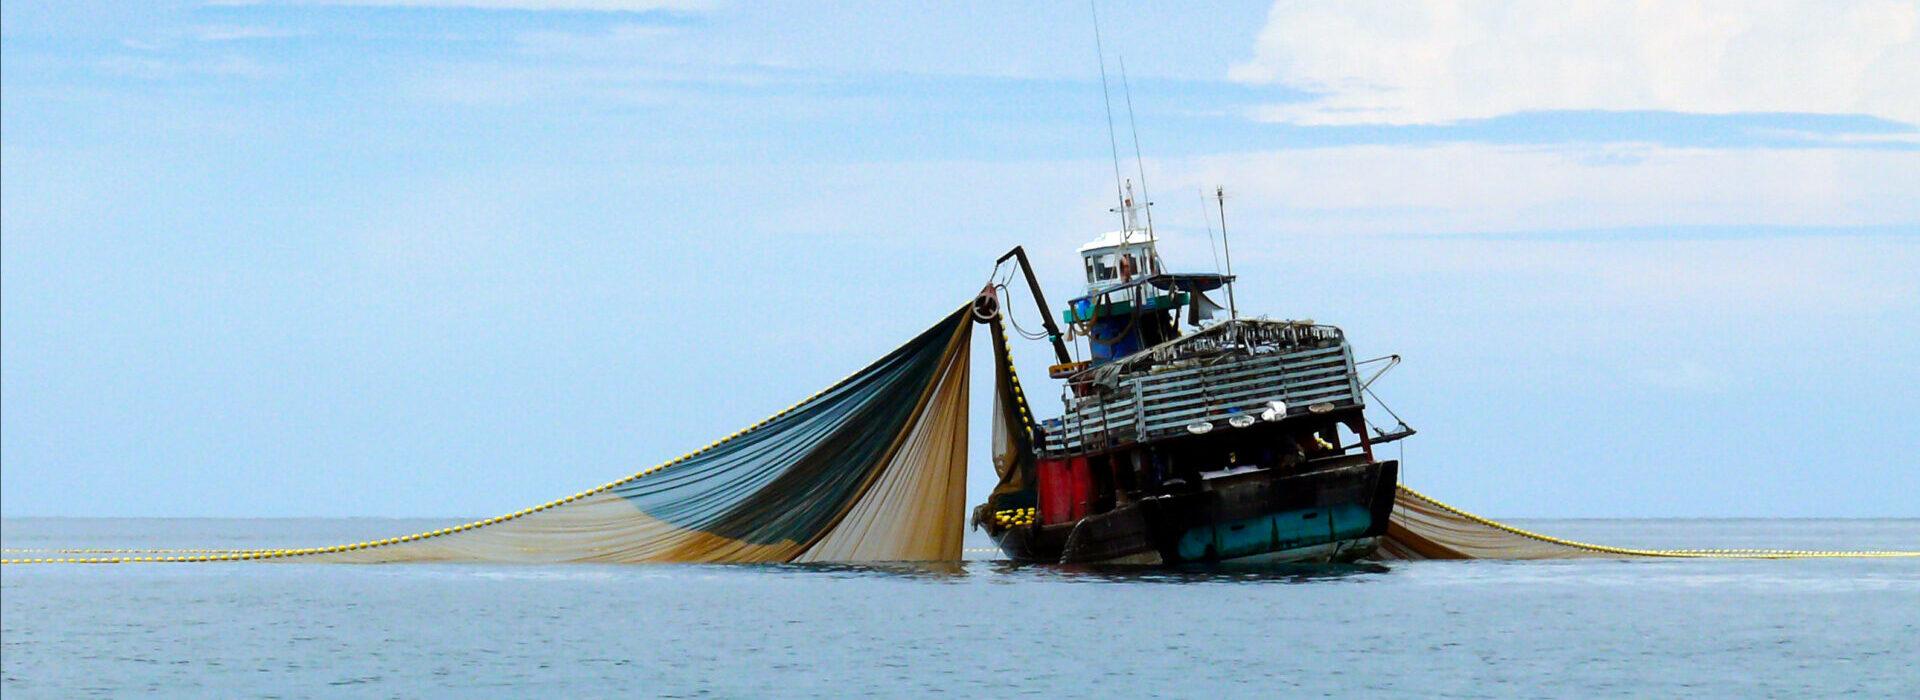 Fishing boat_1